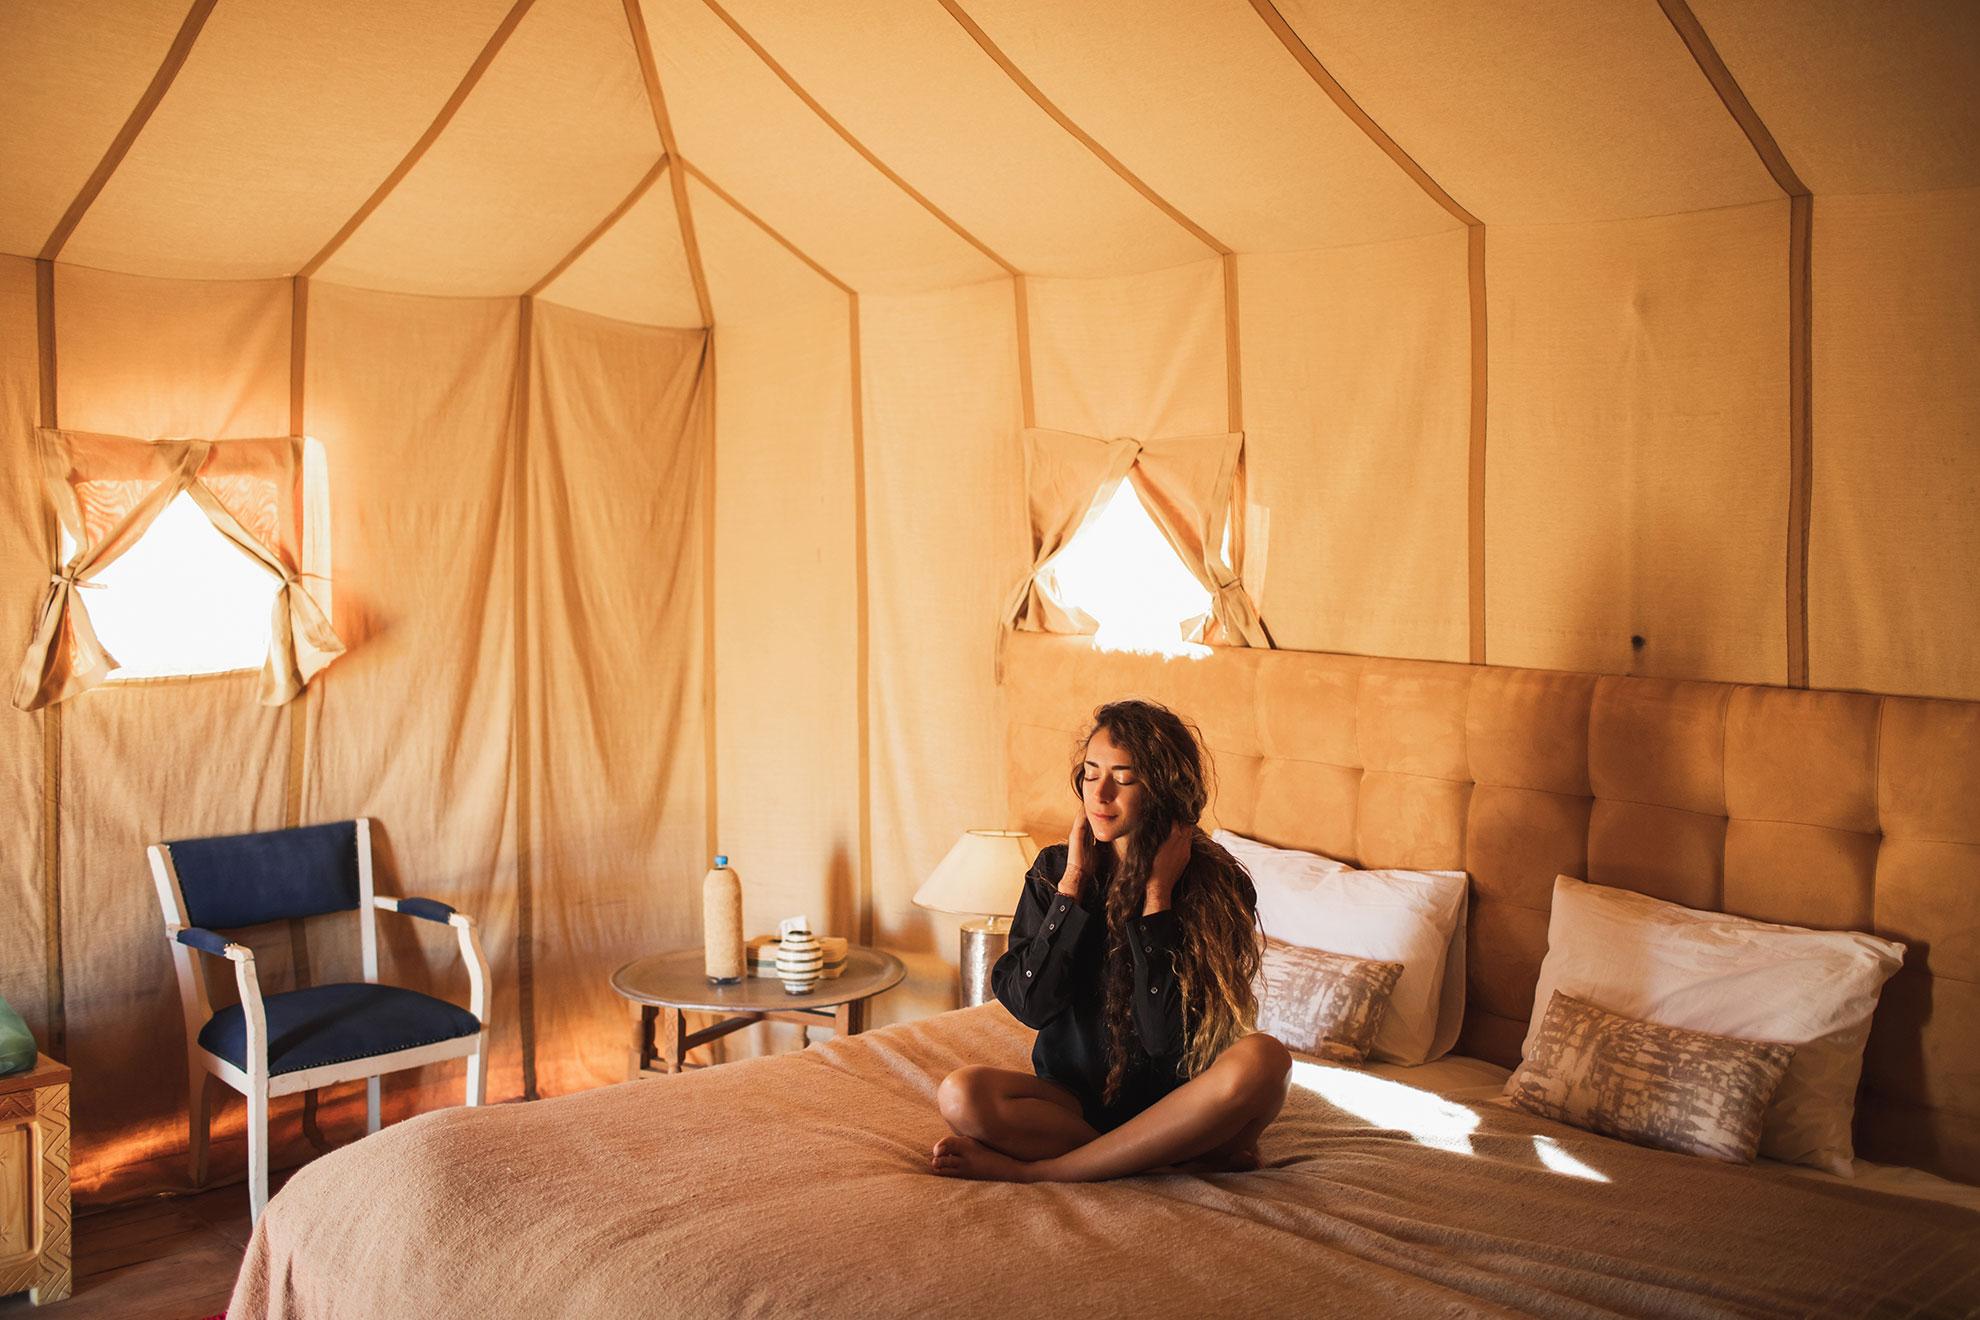 Namiot w stylu glamping, ilustracja do artykułu